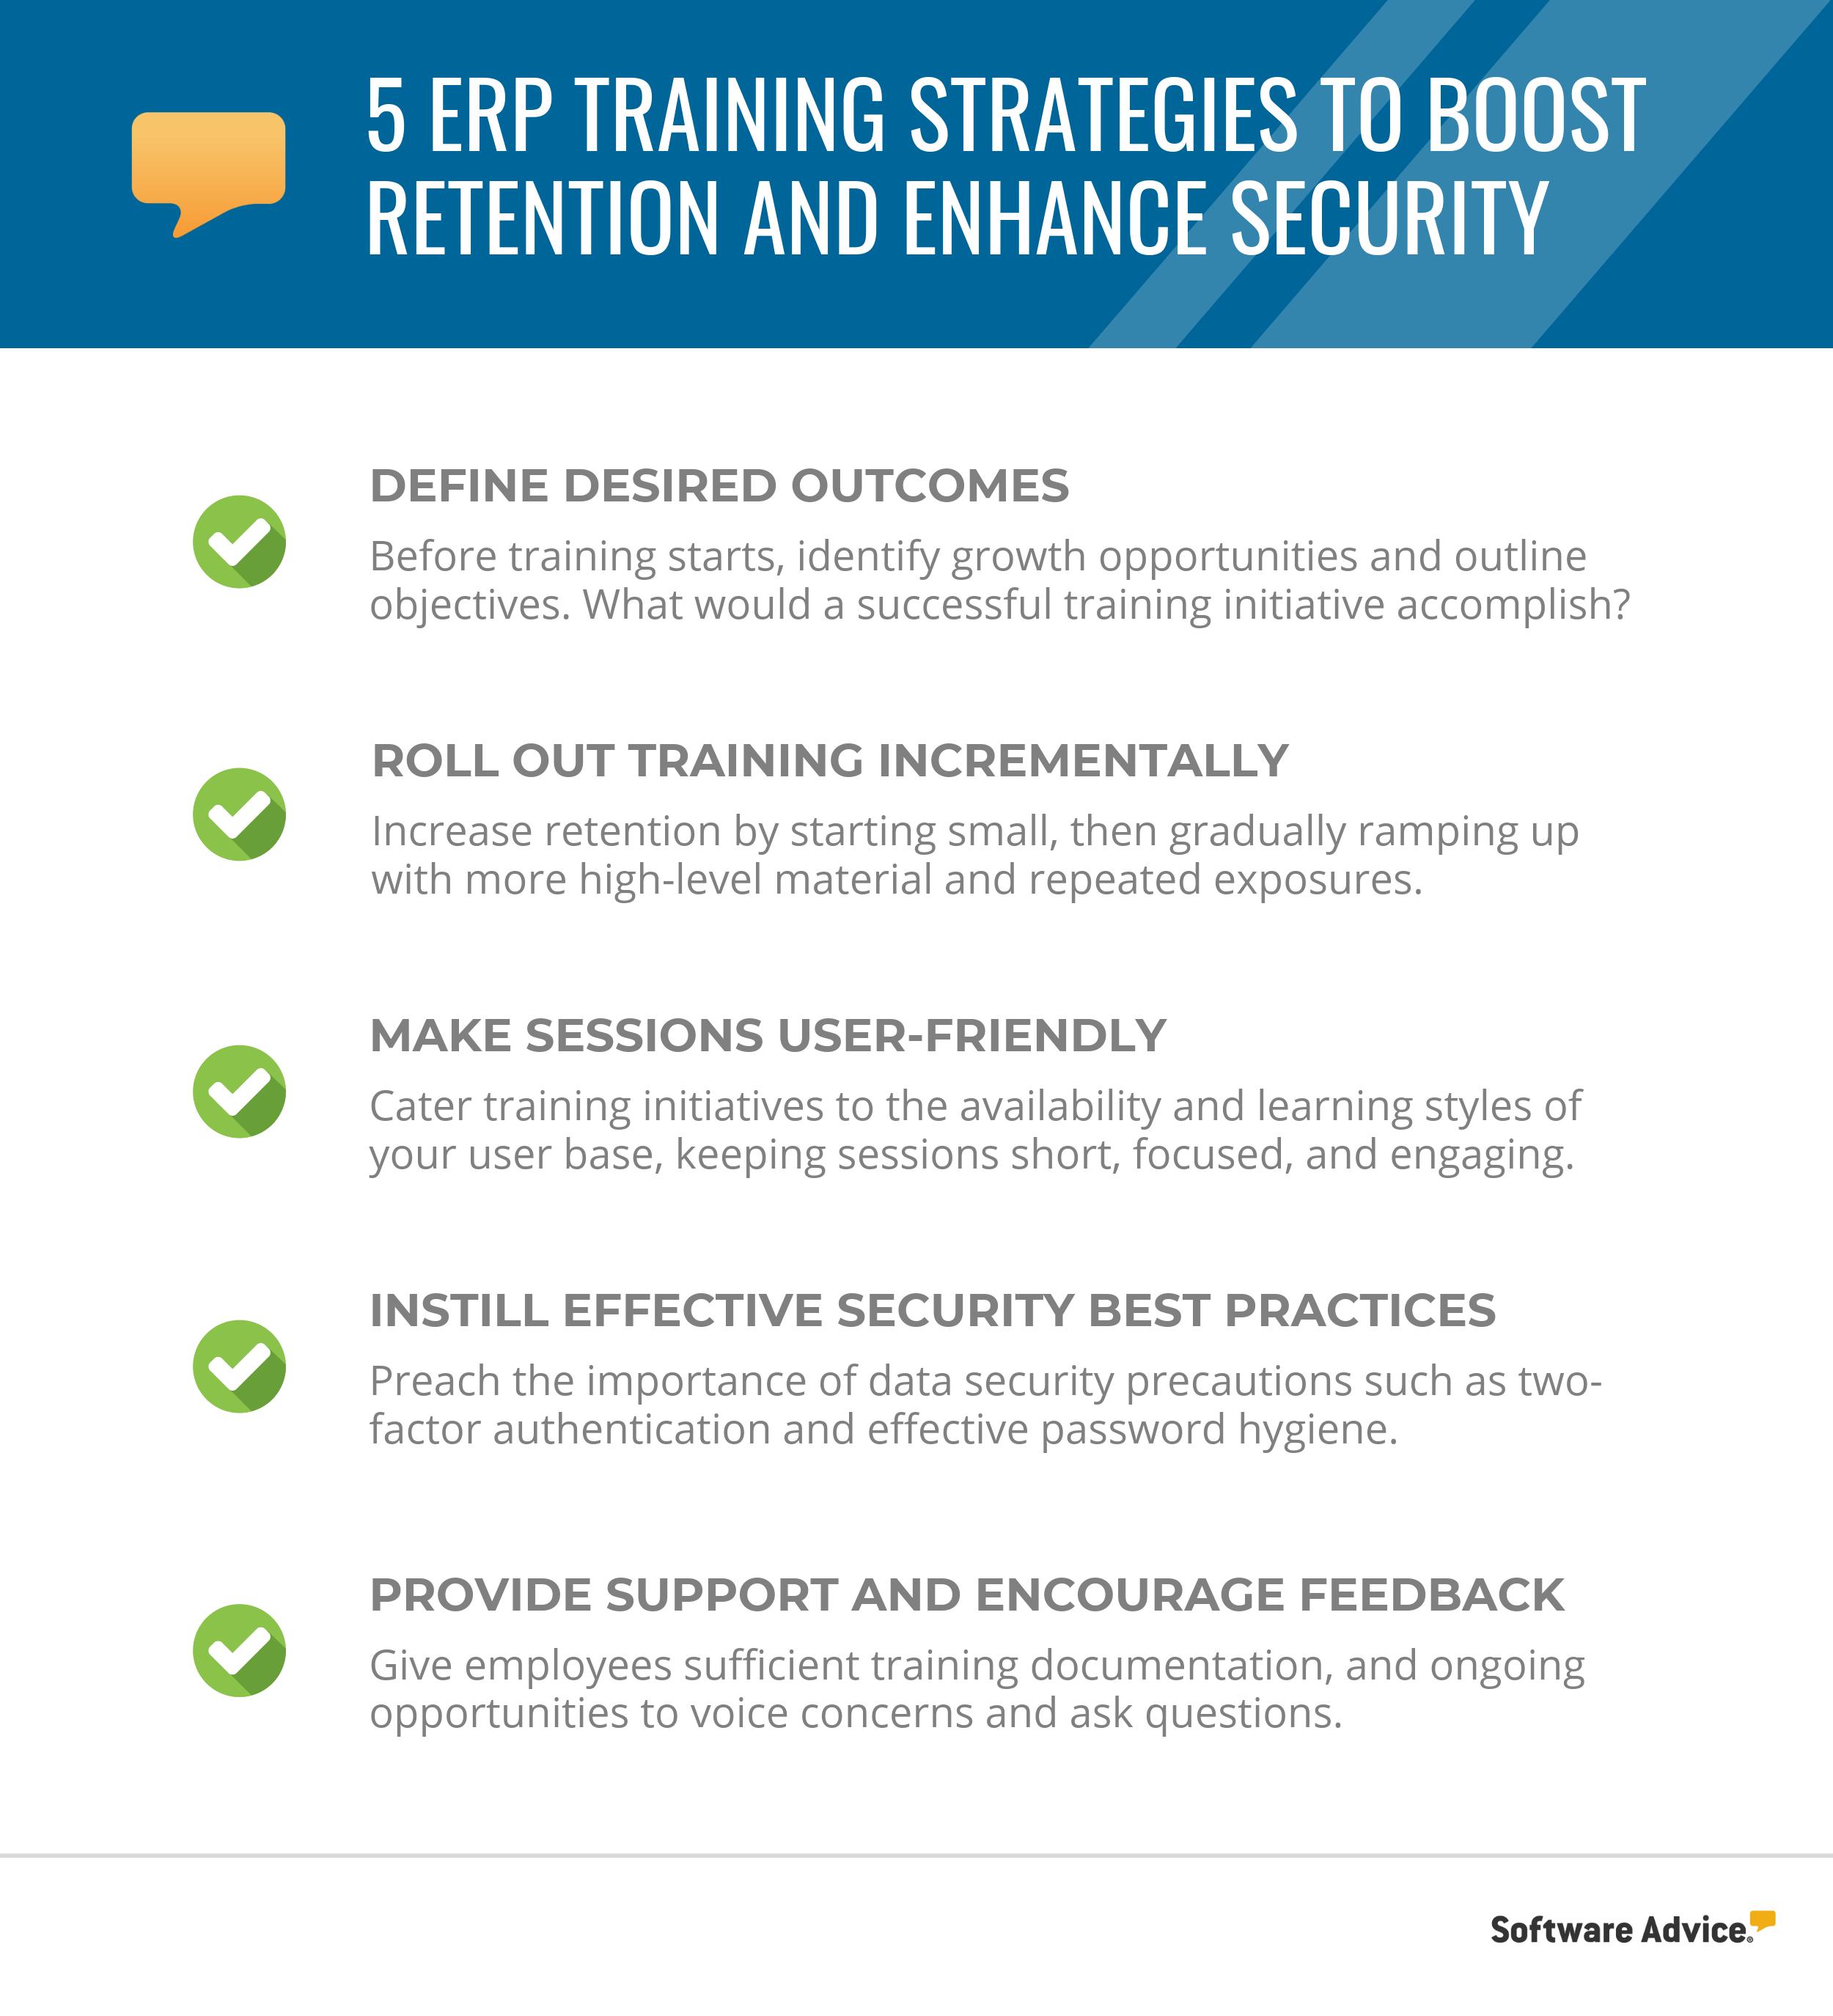 erp training strategies checklist